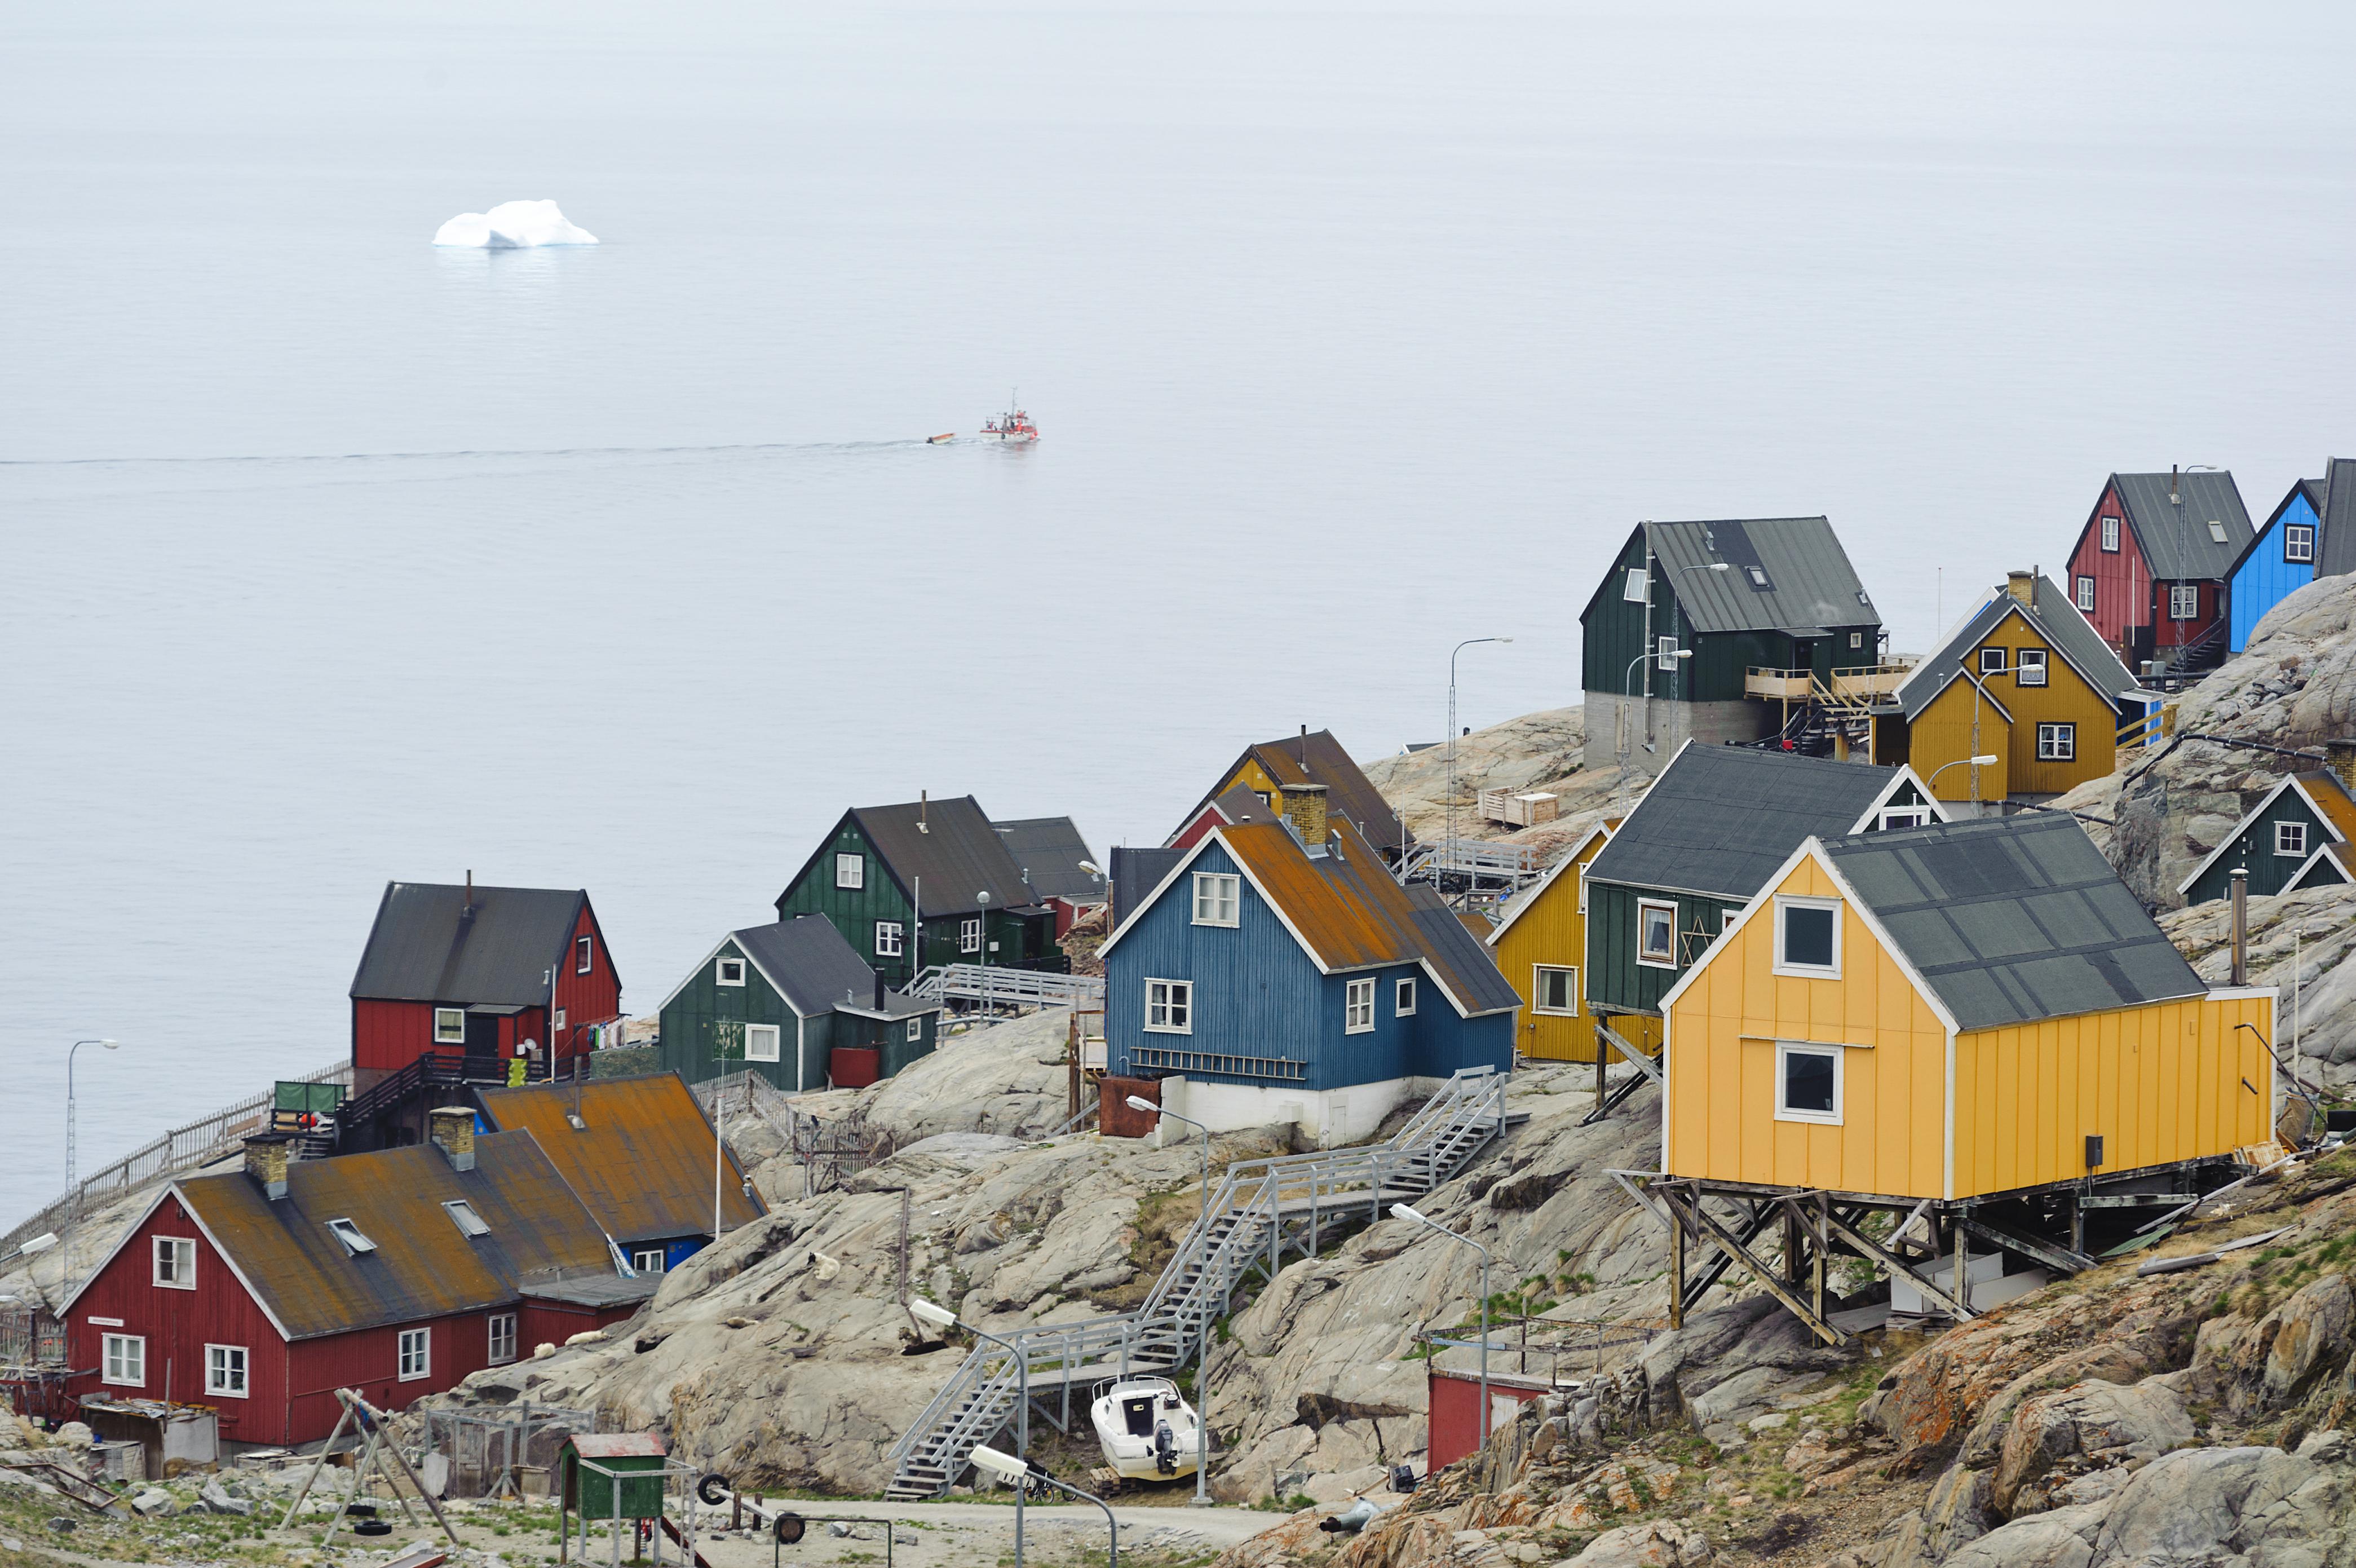 Uummannaq, Greenland - June 15, 2013: Colourful houses perched on a rocky hill in Uummannaq, Greenland. (Getty)